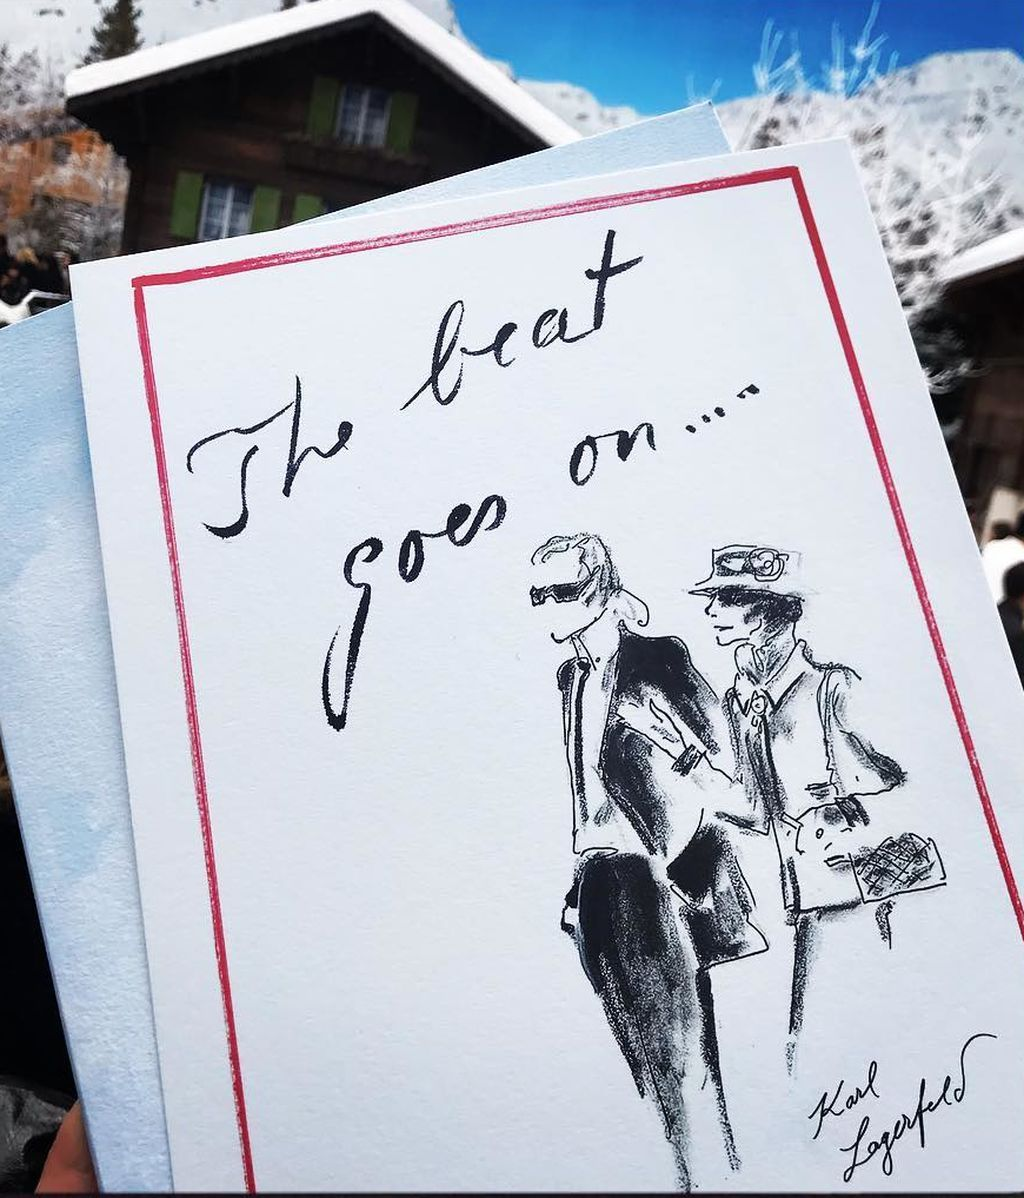 El desfile póstumo de Chanel en honor a Karl Lagerfeld, en fotos